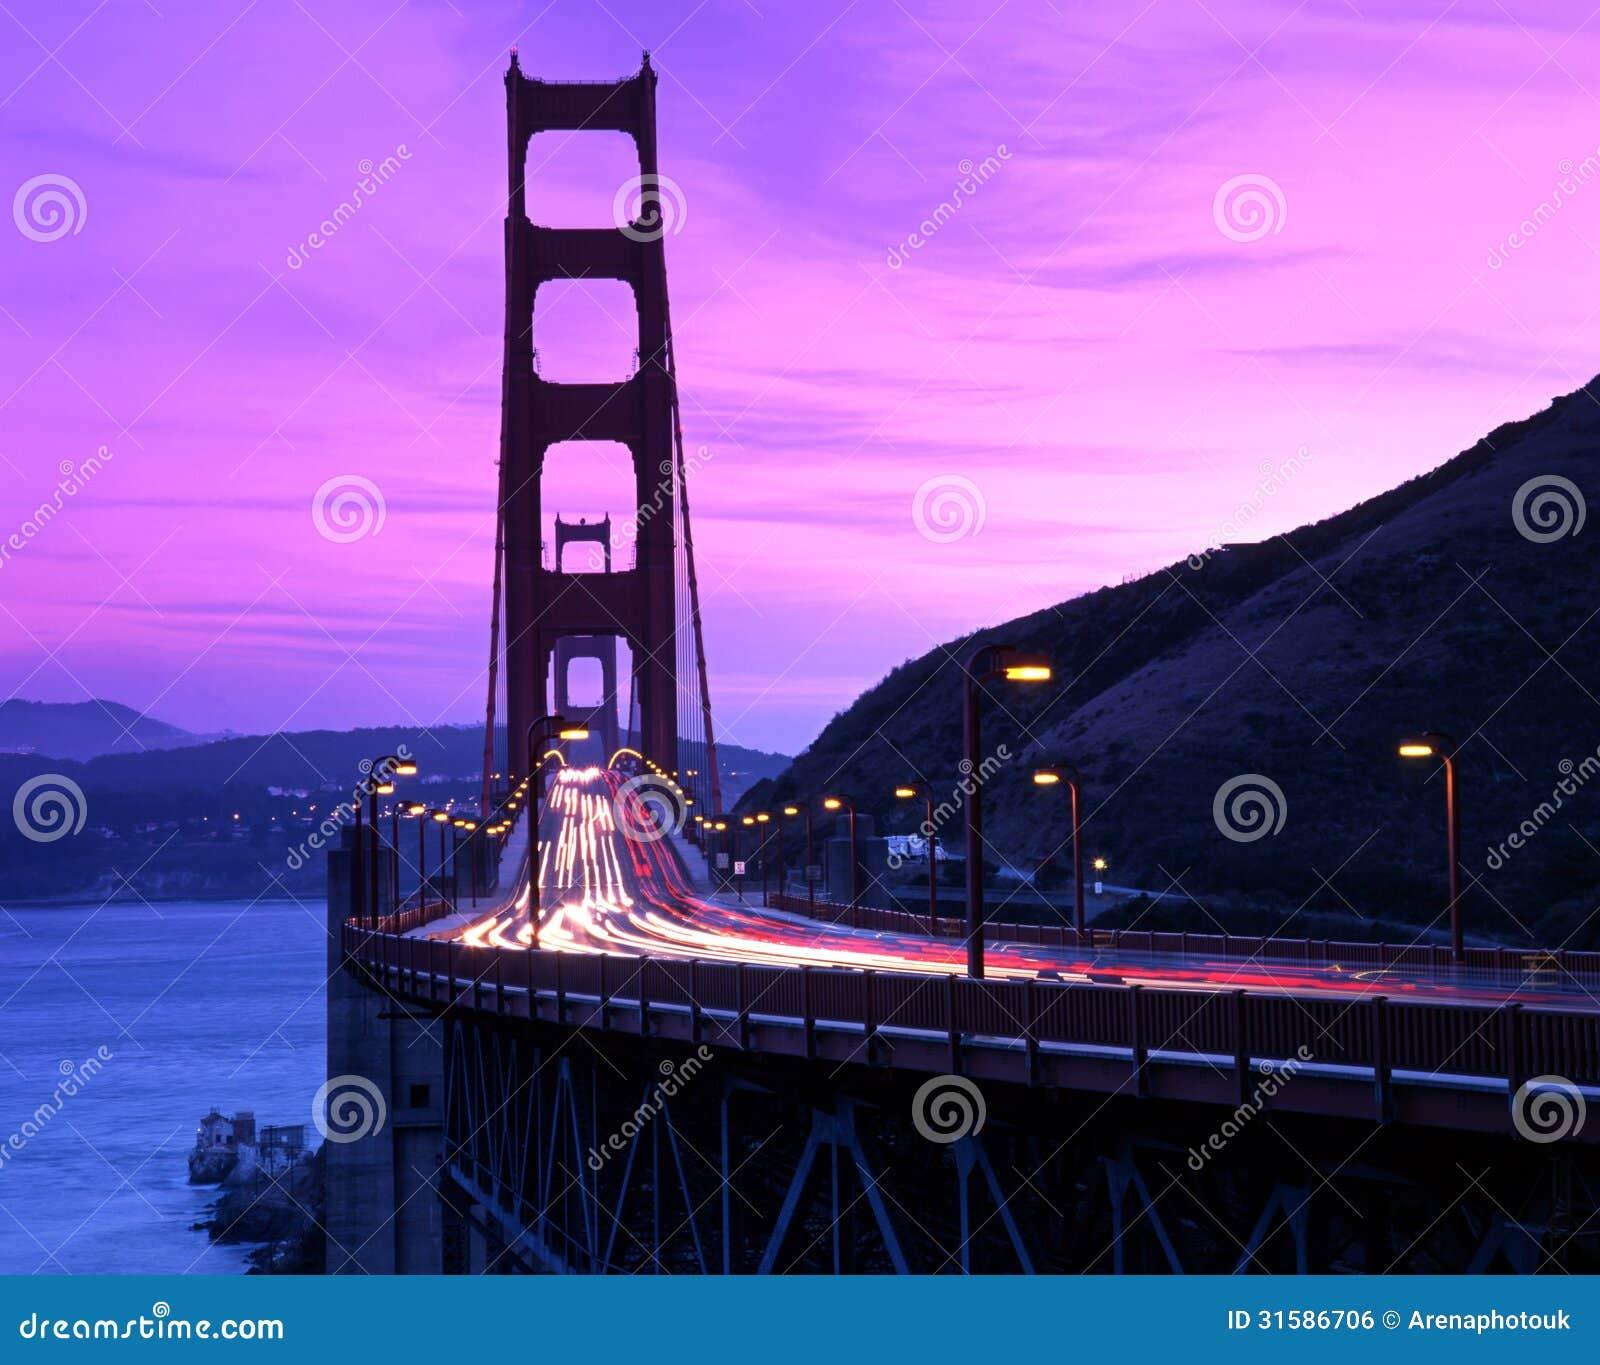 金门桥,旧金山,美国。